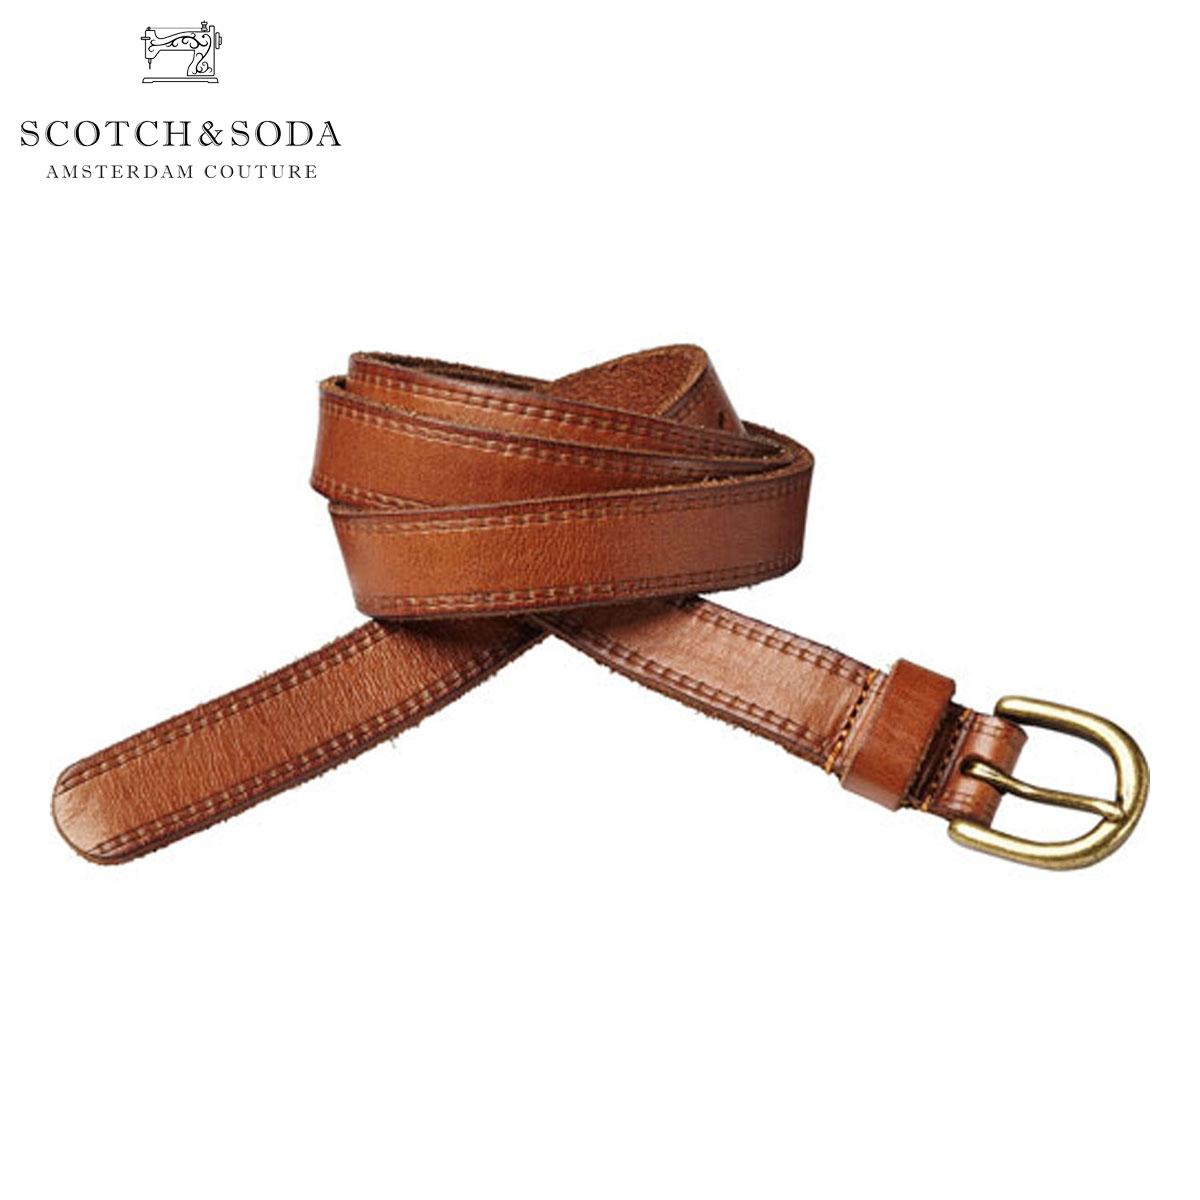 スコッチアンドソーダ ベルト 正規販売店 SCOTCH&SODA  Leather belt with print along edge 76163 82 A39B B1C C3D D6E E04F